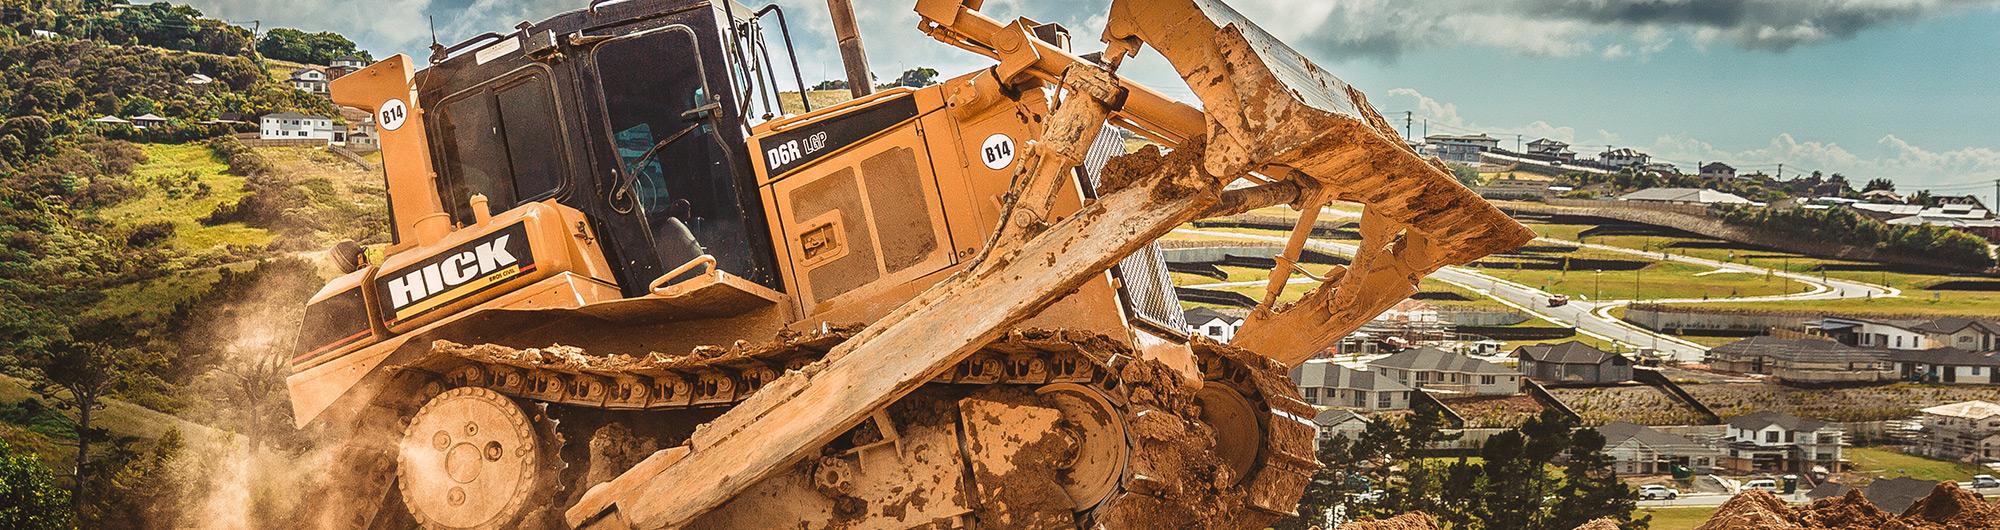 hicks-bulldozers-1